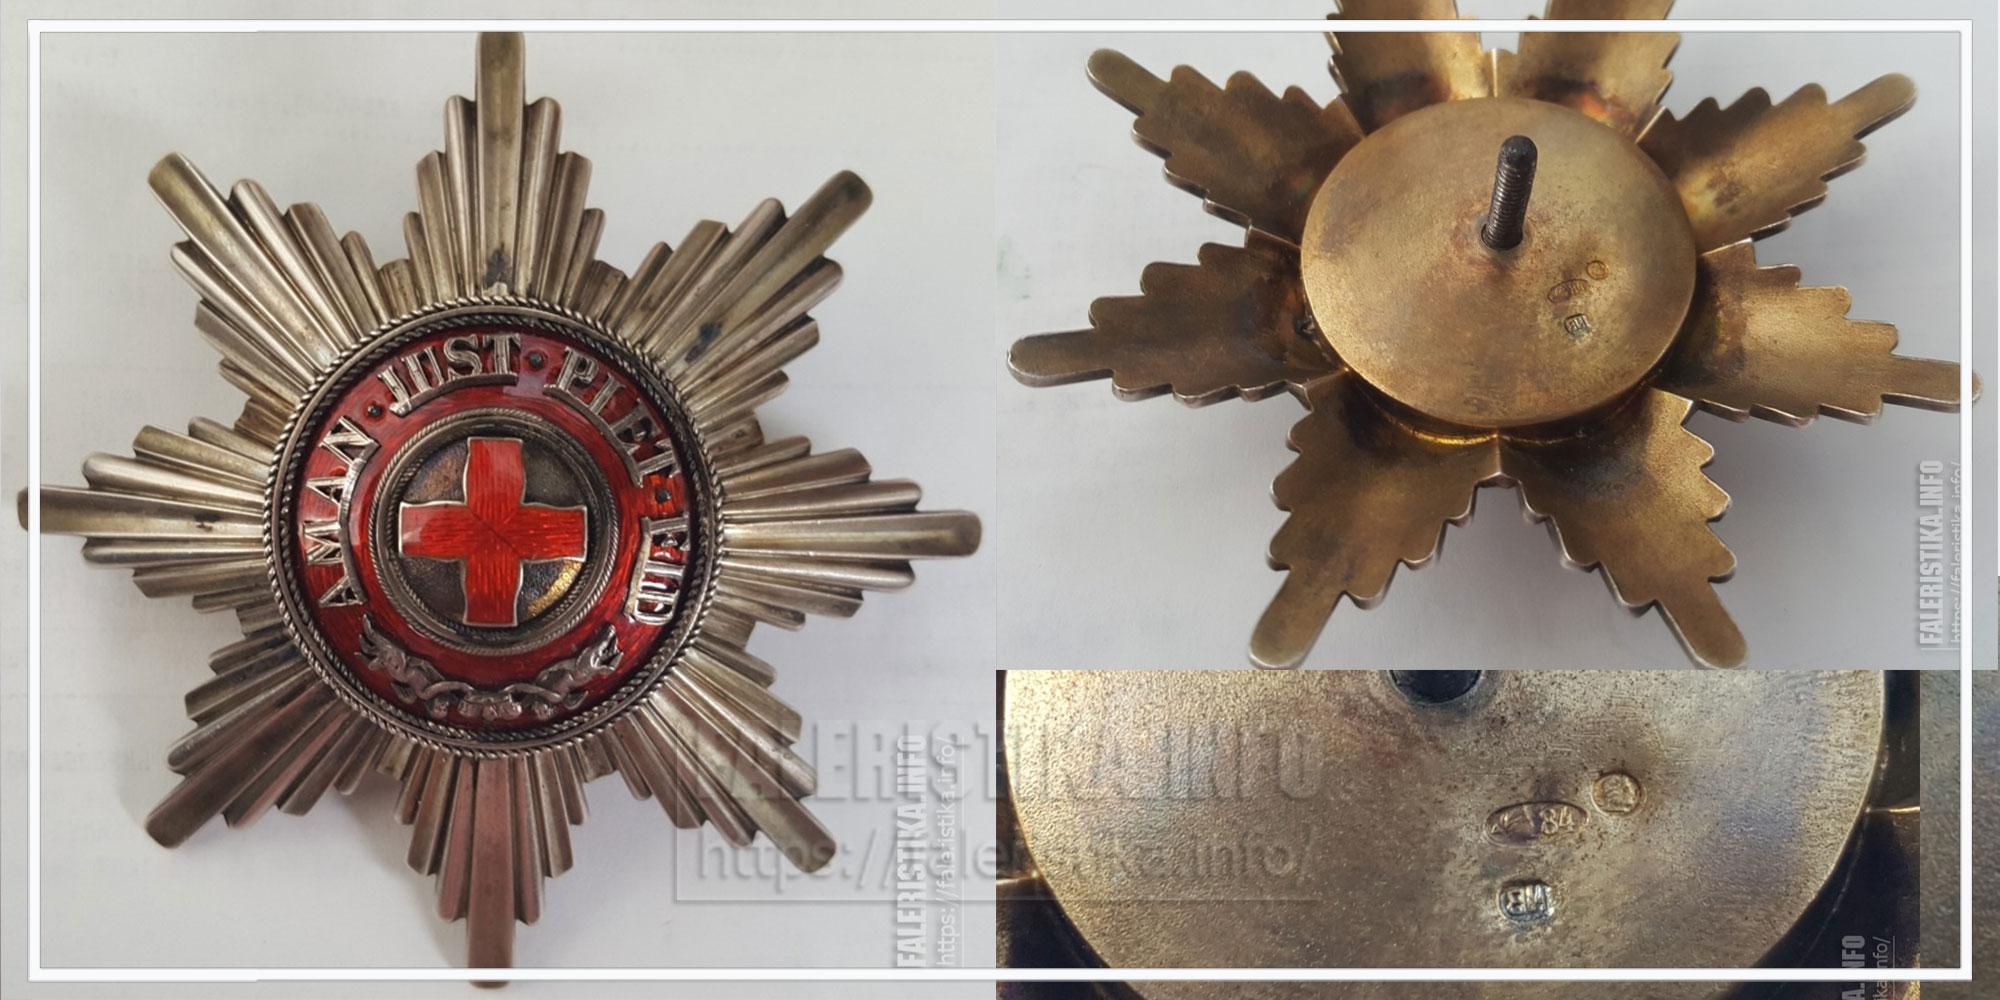 Звезда ордена св. Анны. Копия